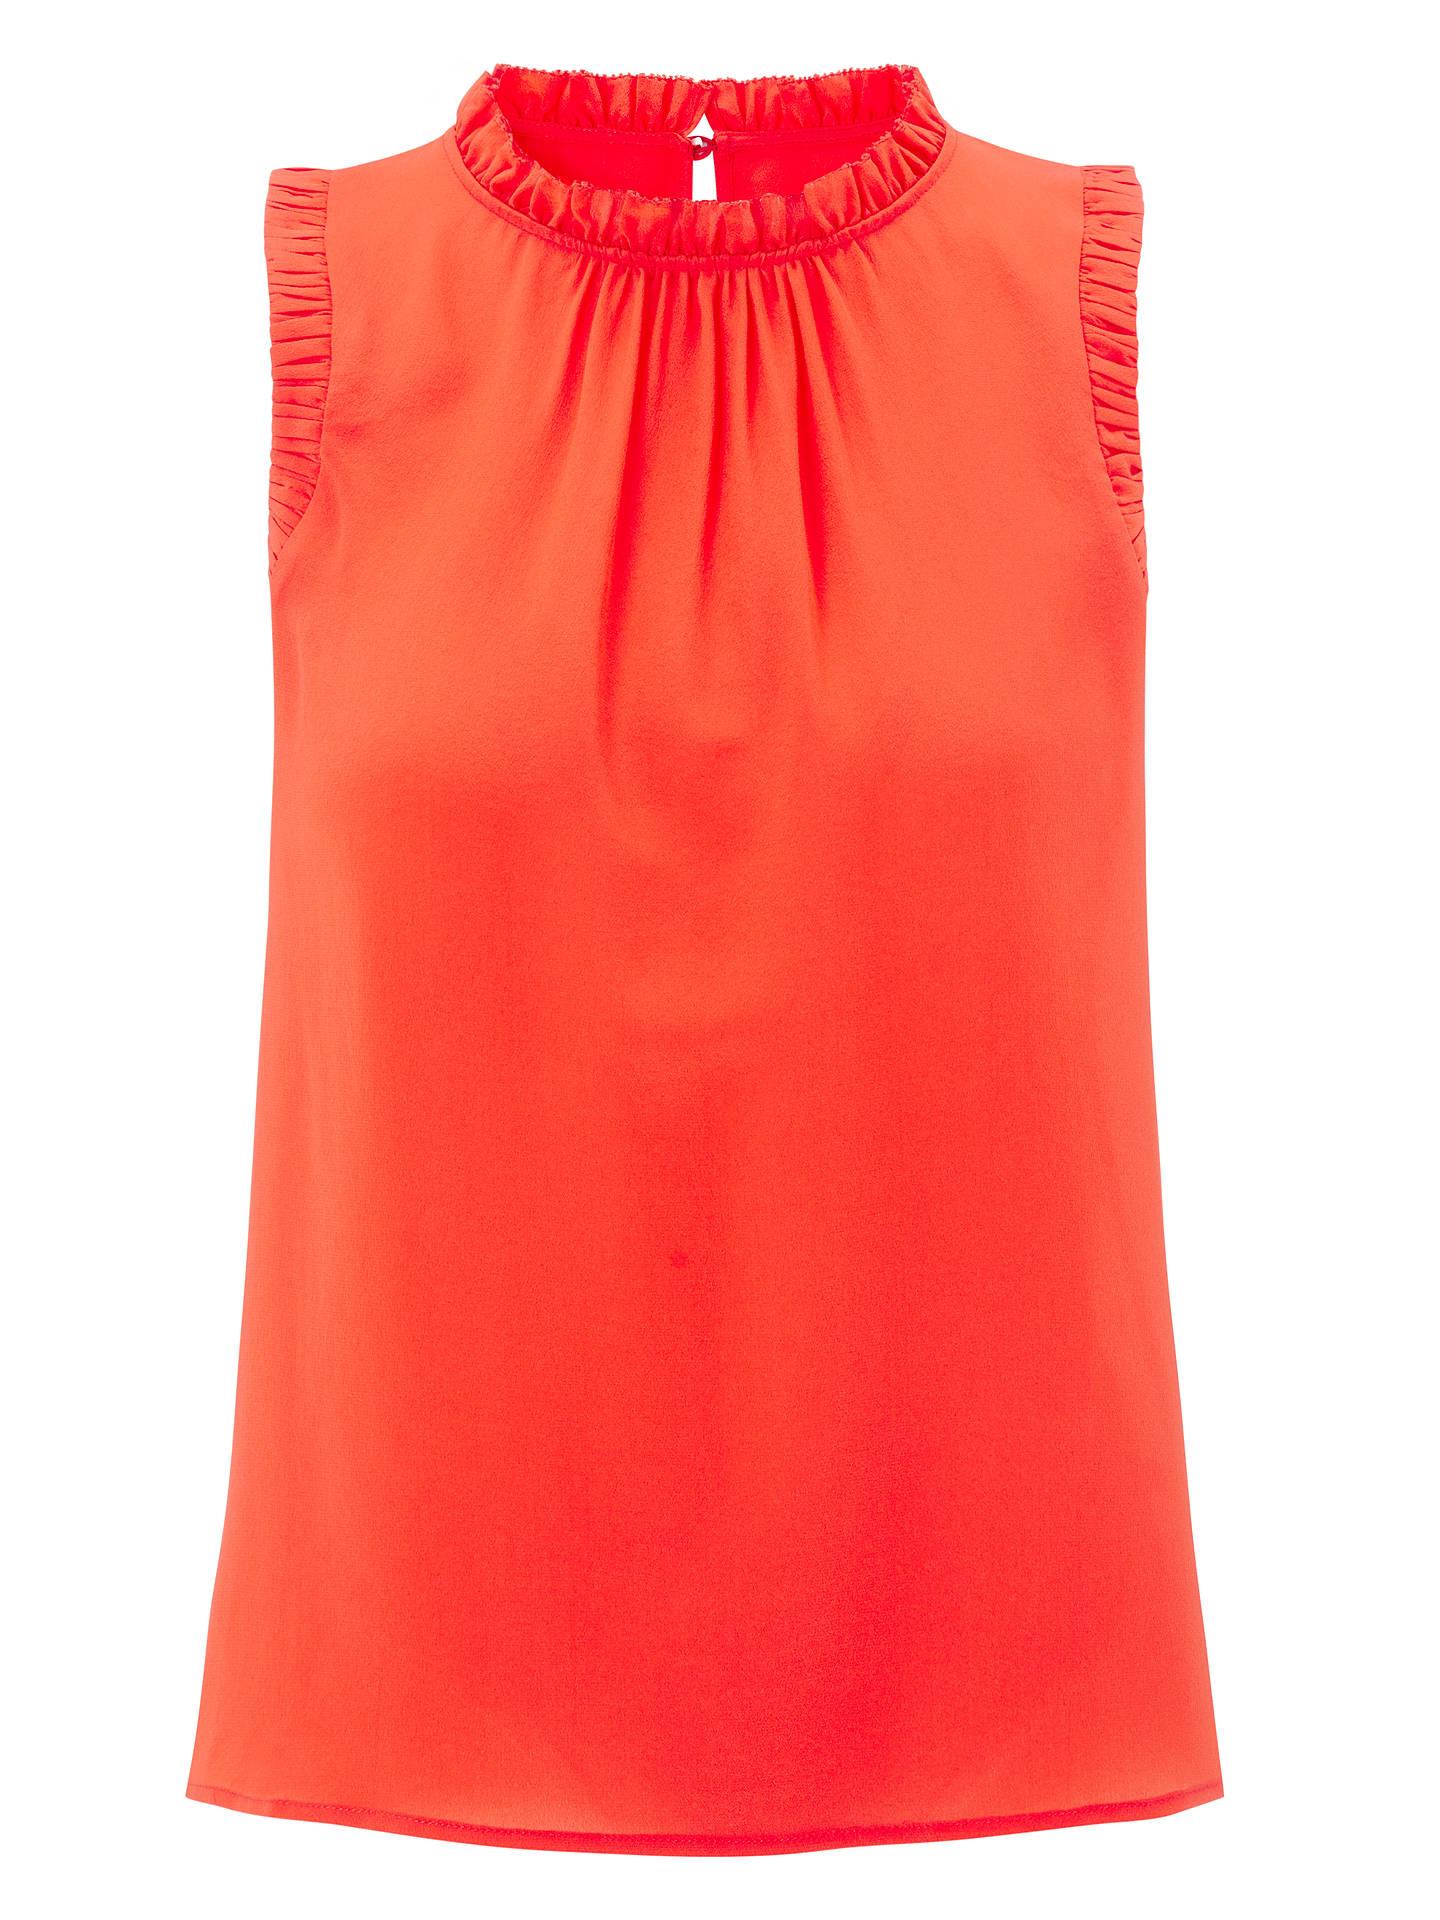 658716f5e81d63 ... Buy Boden Effie Silk Top